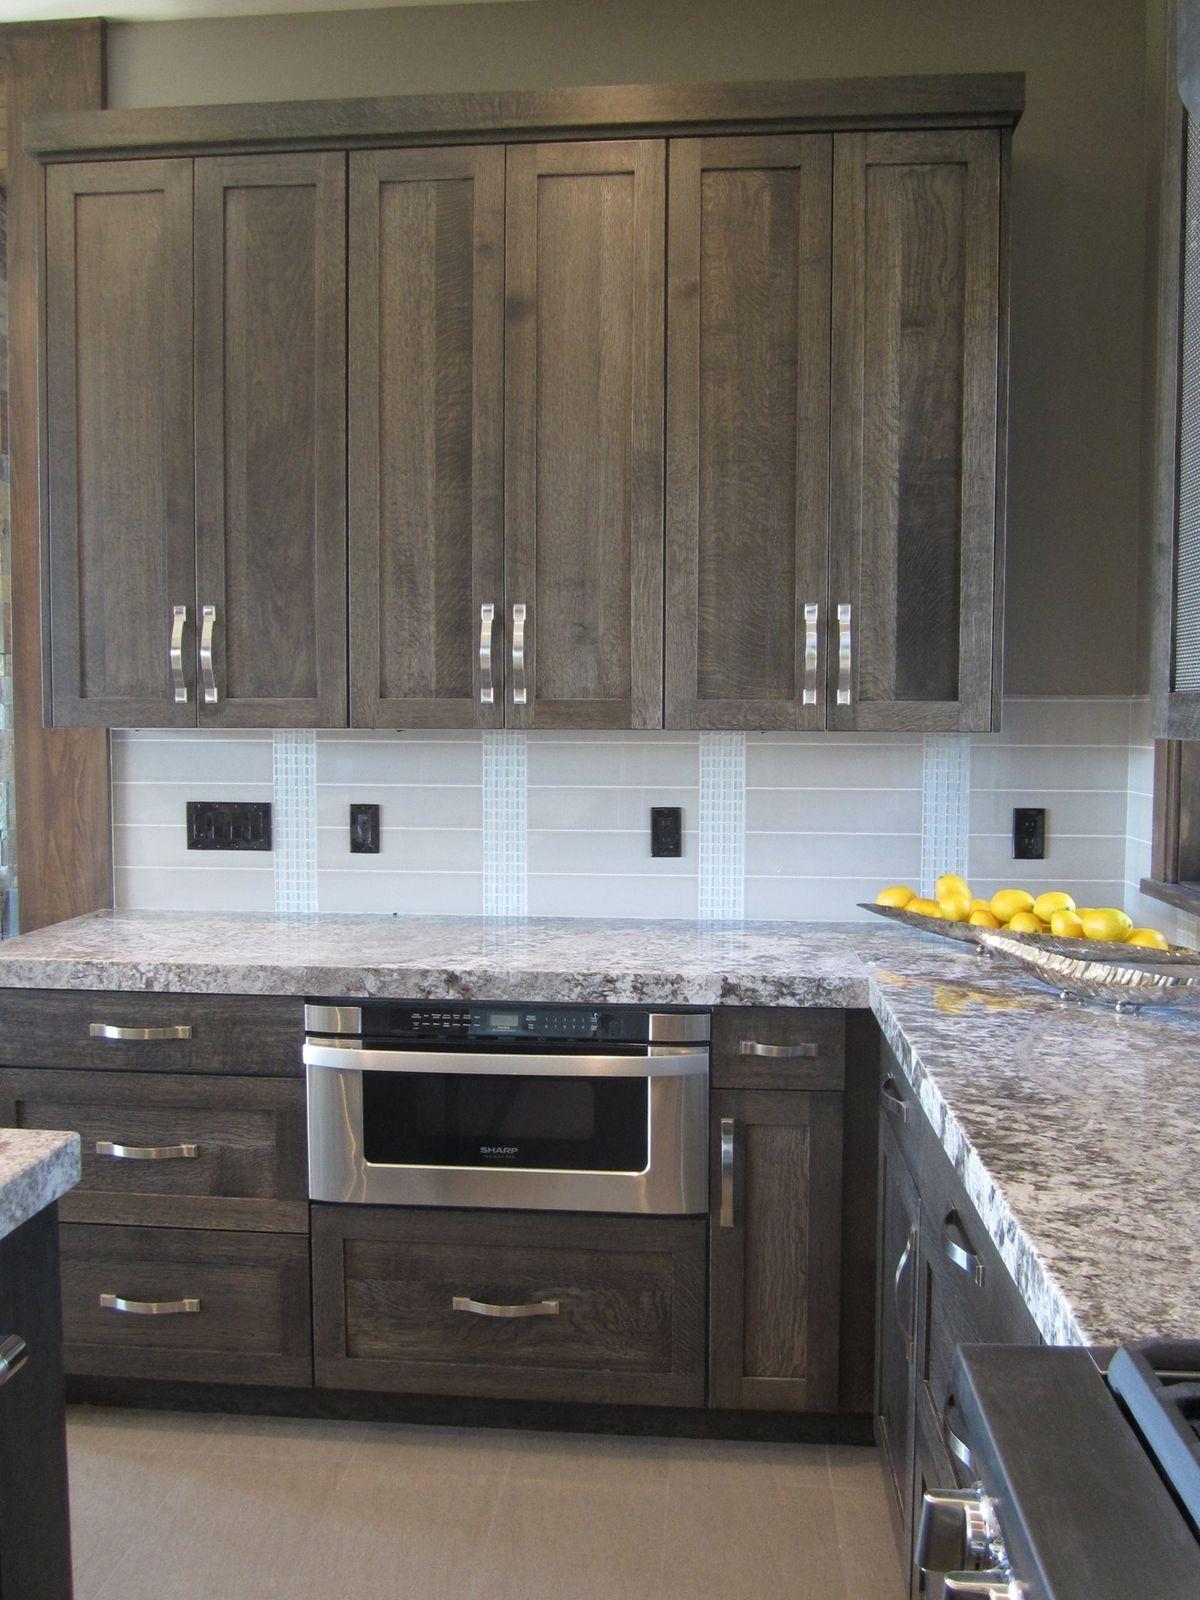 Pin von Jackie Rowe auf home. | Pinterest | Haus design, Küchen ...